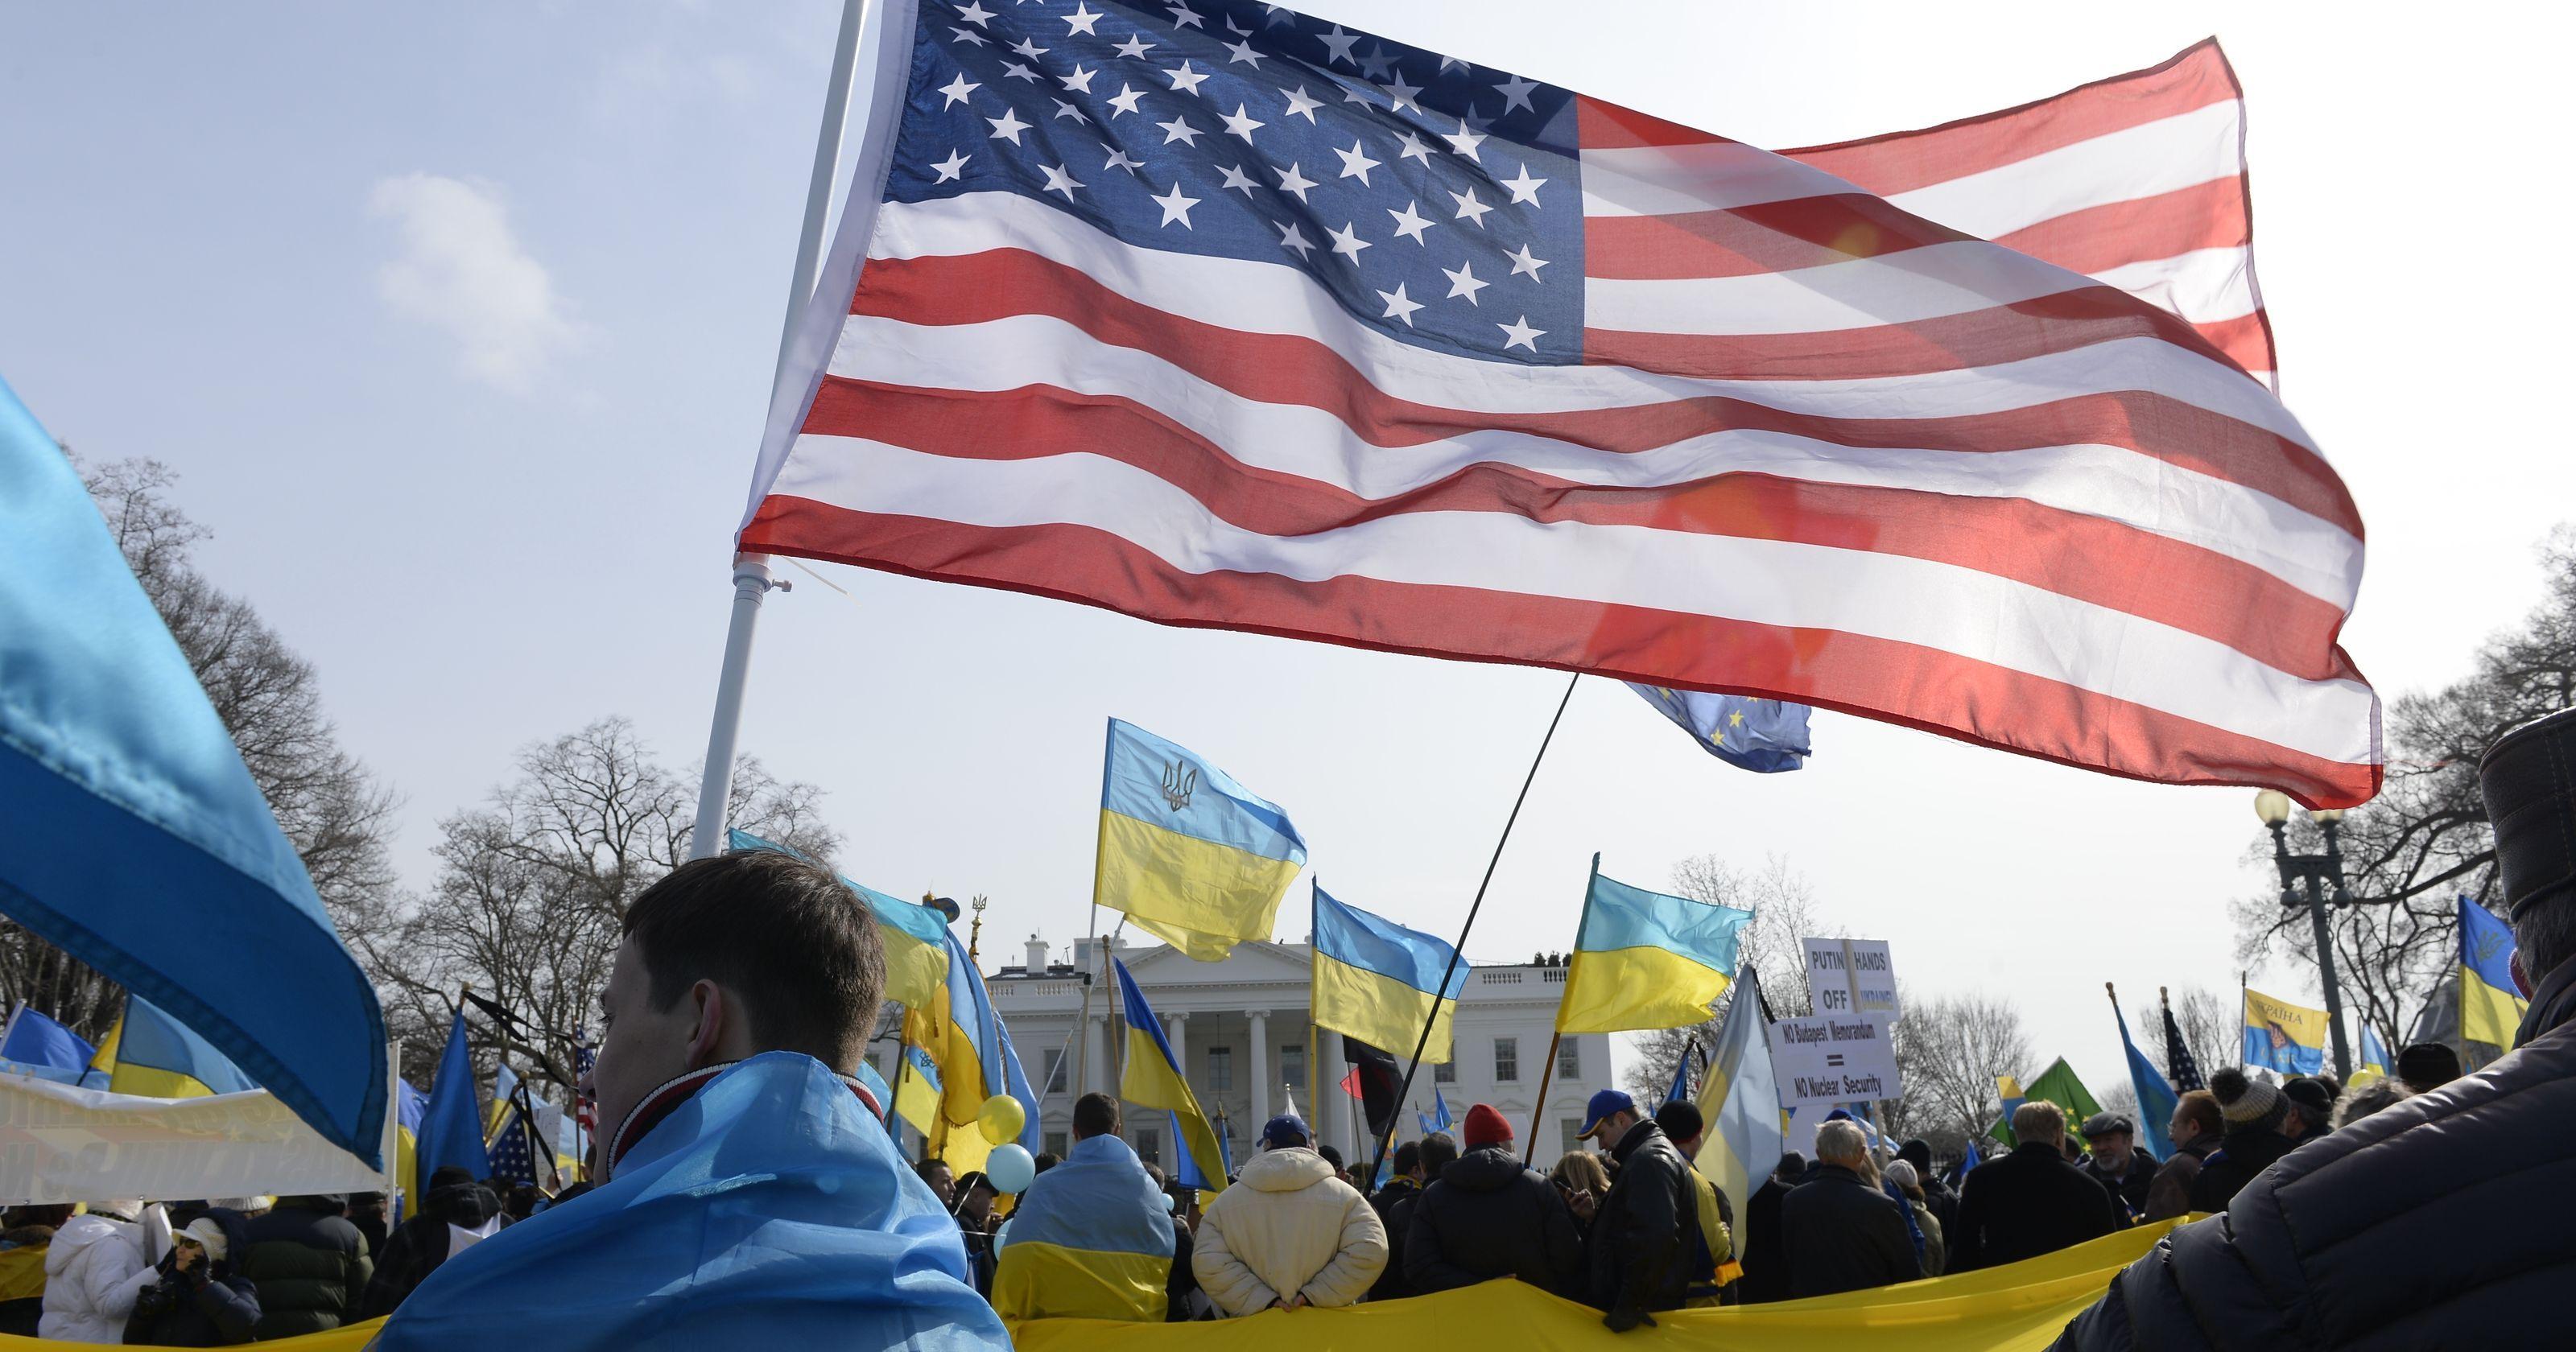 Statele Unite sprijină integritatea Ucrainei